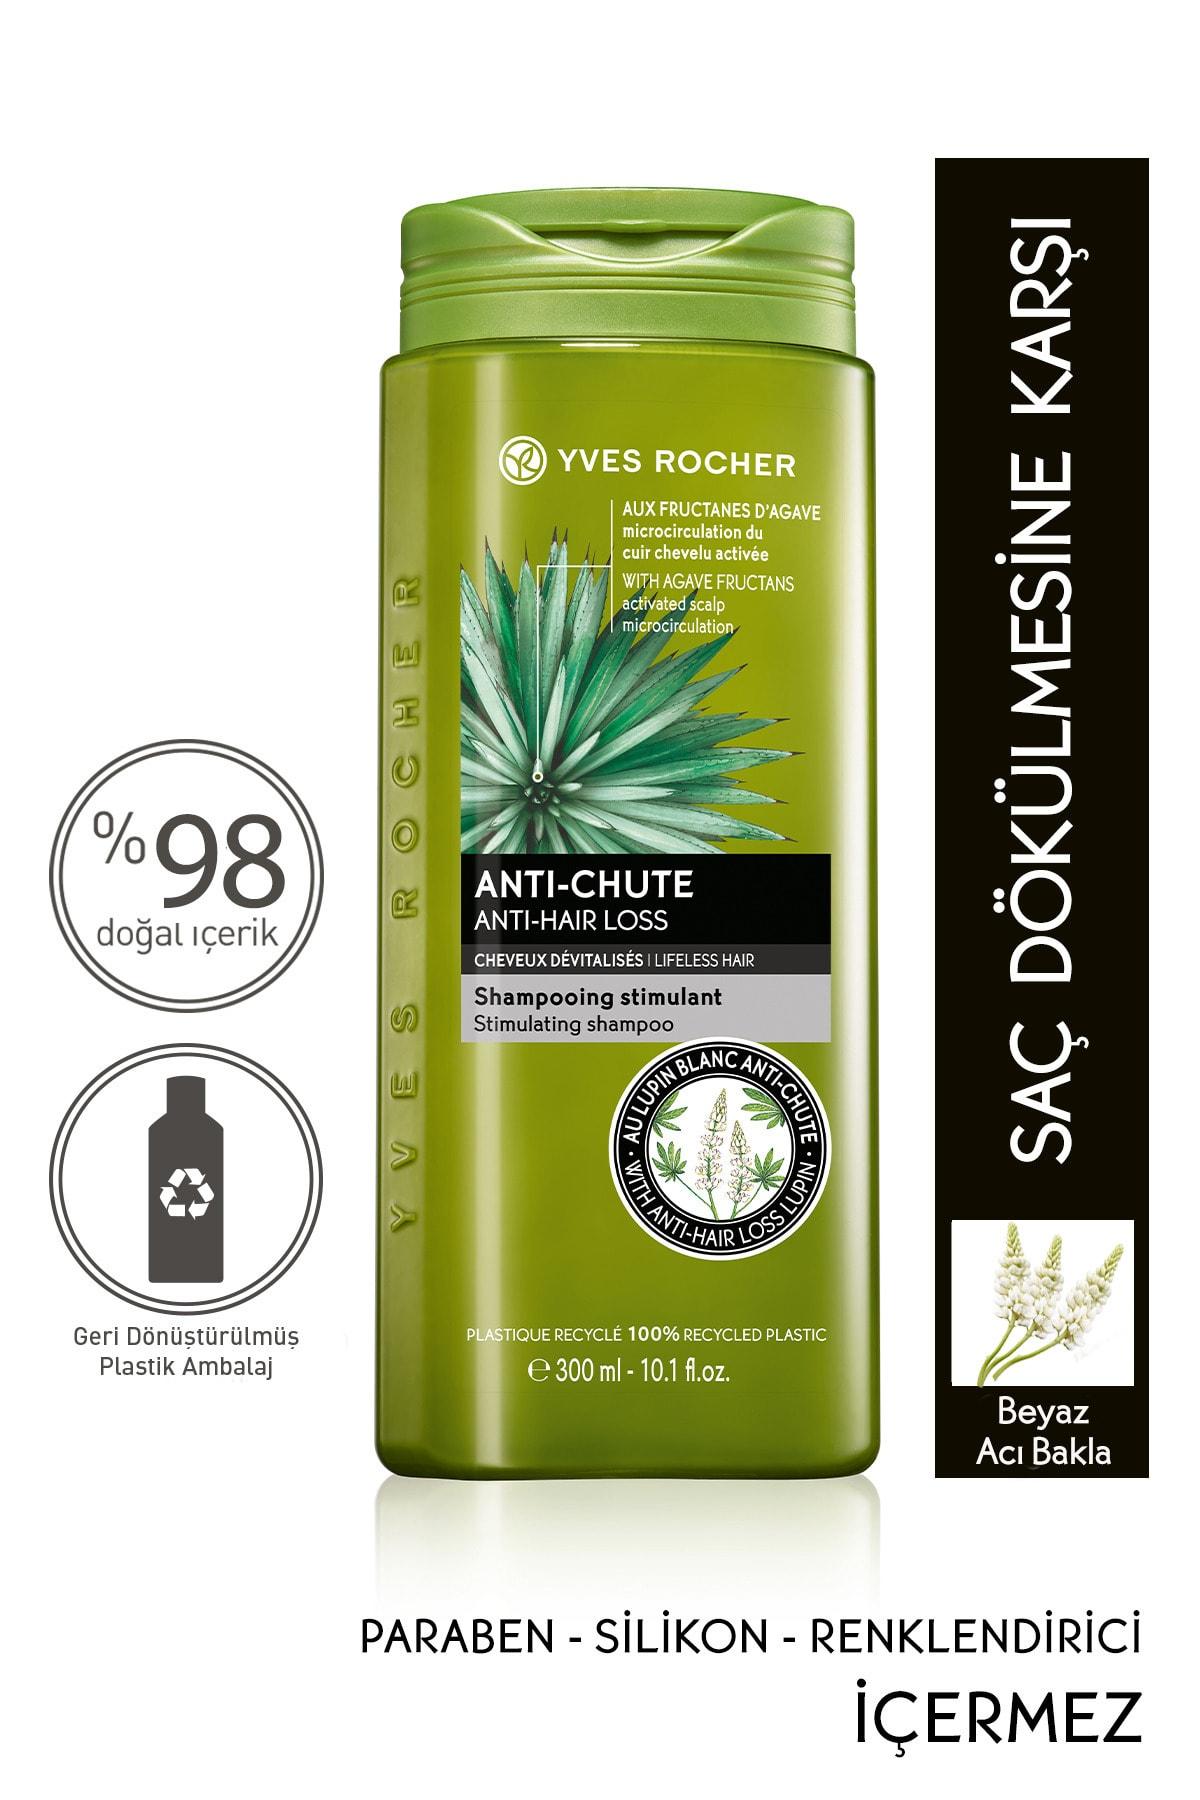 Saç Oluşumunu Destekleyen ve Dökülmeyi Engelleyen Şampuan - 300 ml